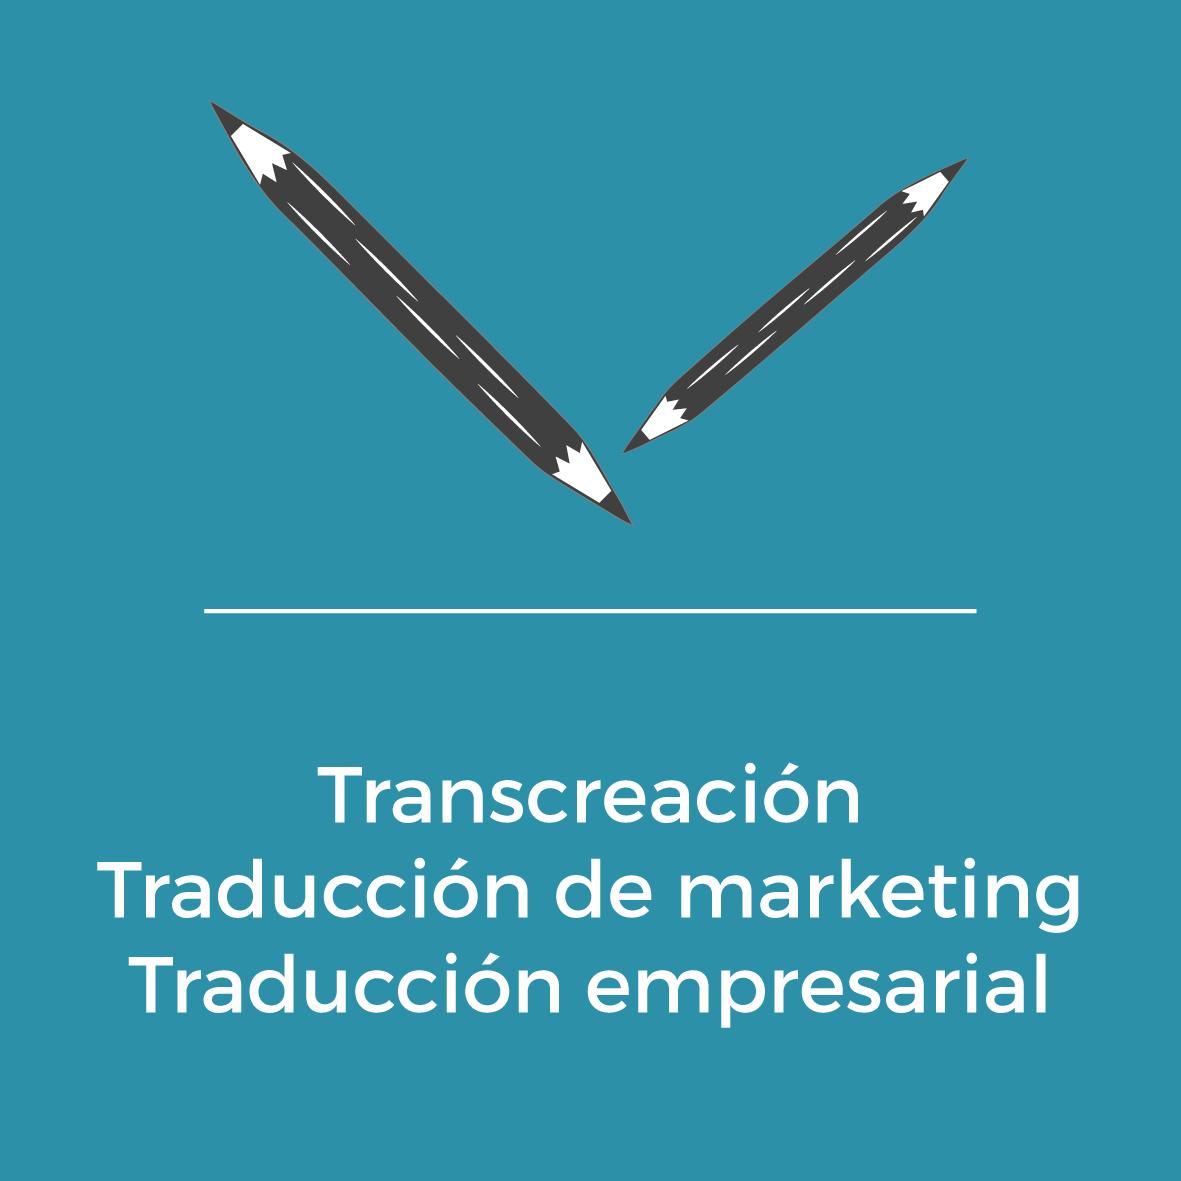 Servicios - Transcreación - Traducción de marketing -Traducción empresarial